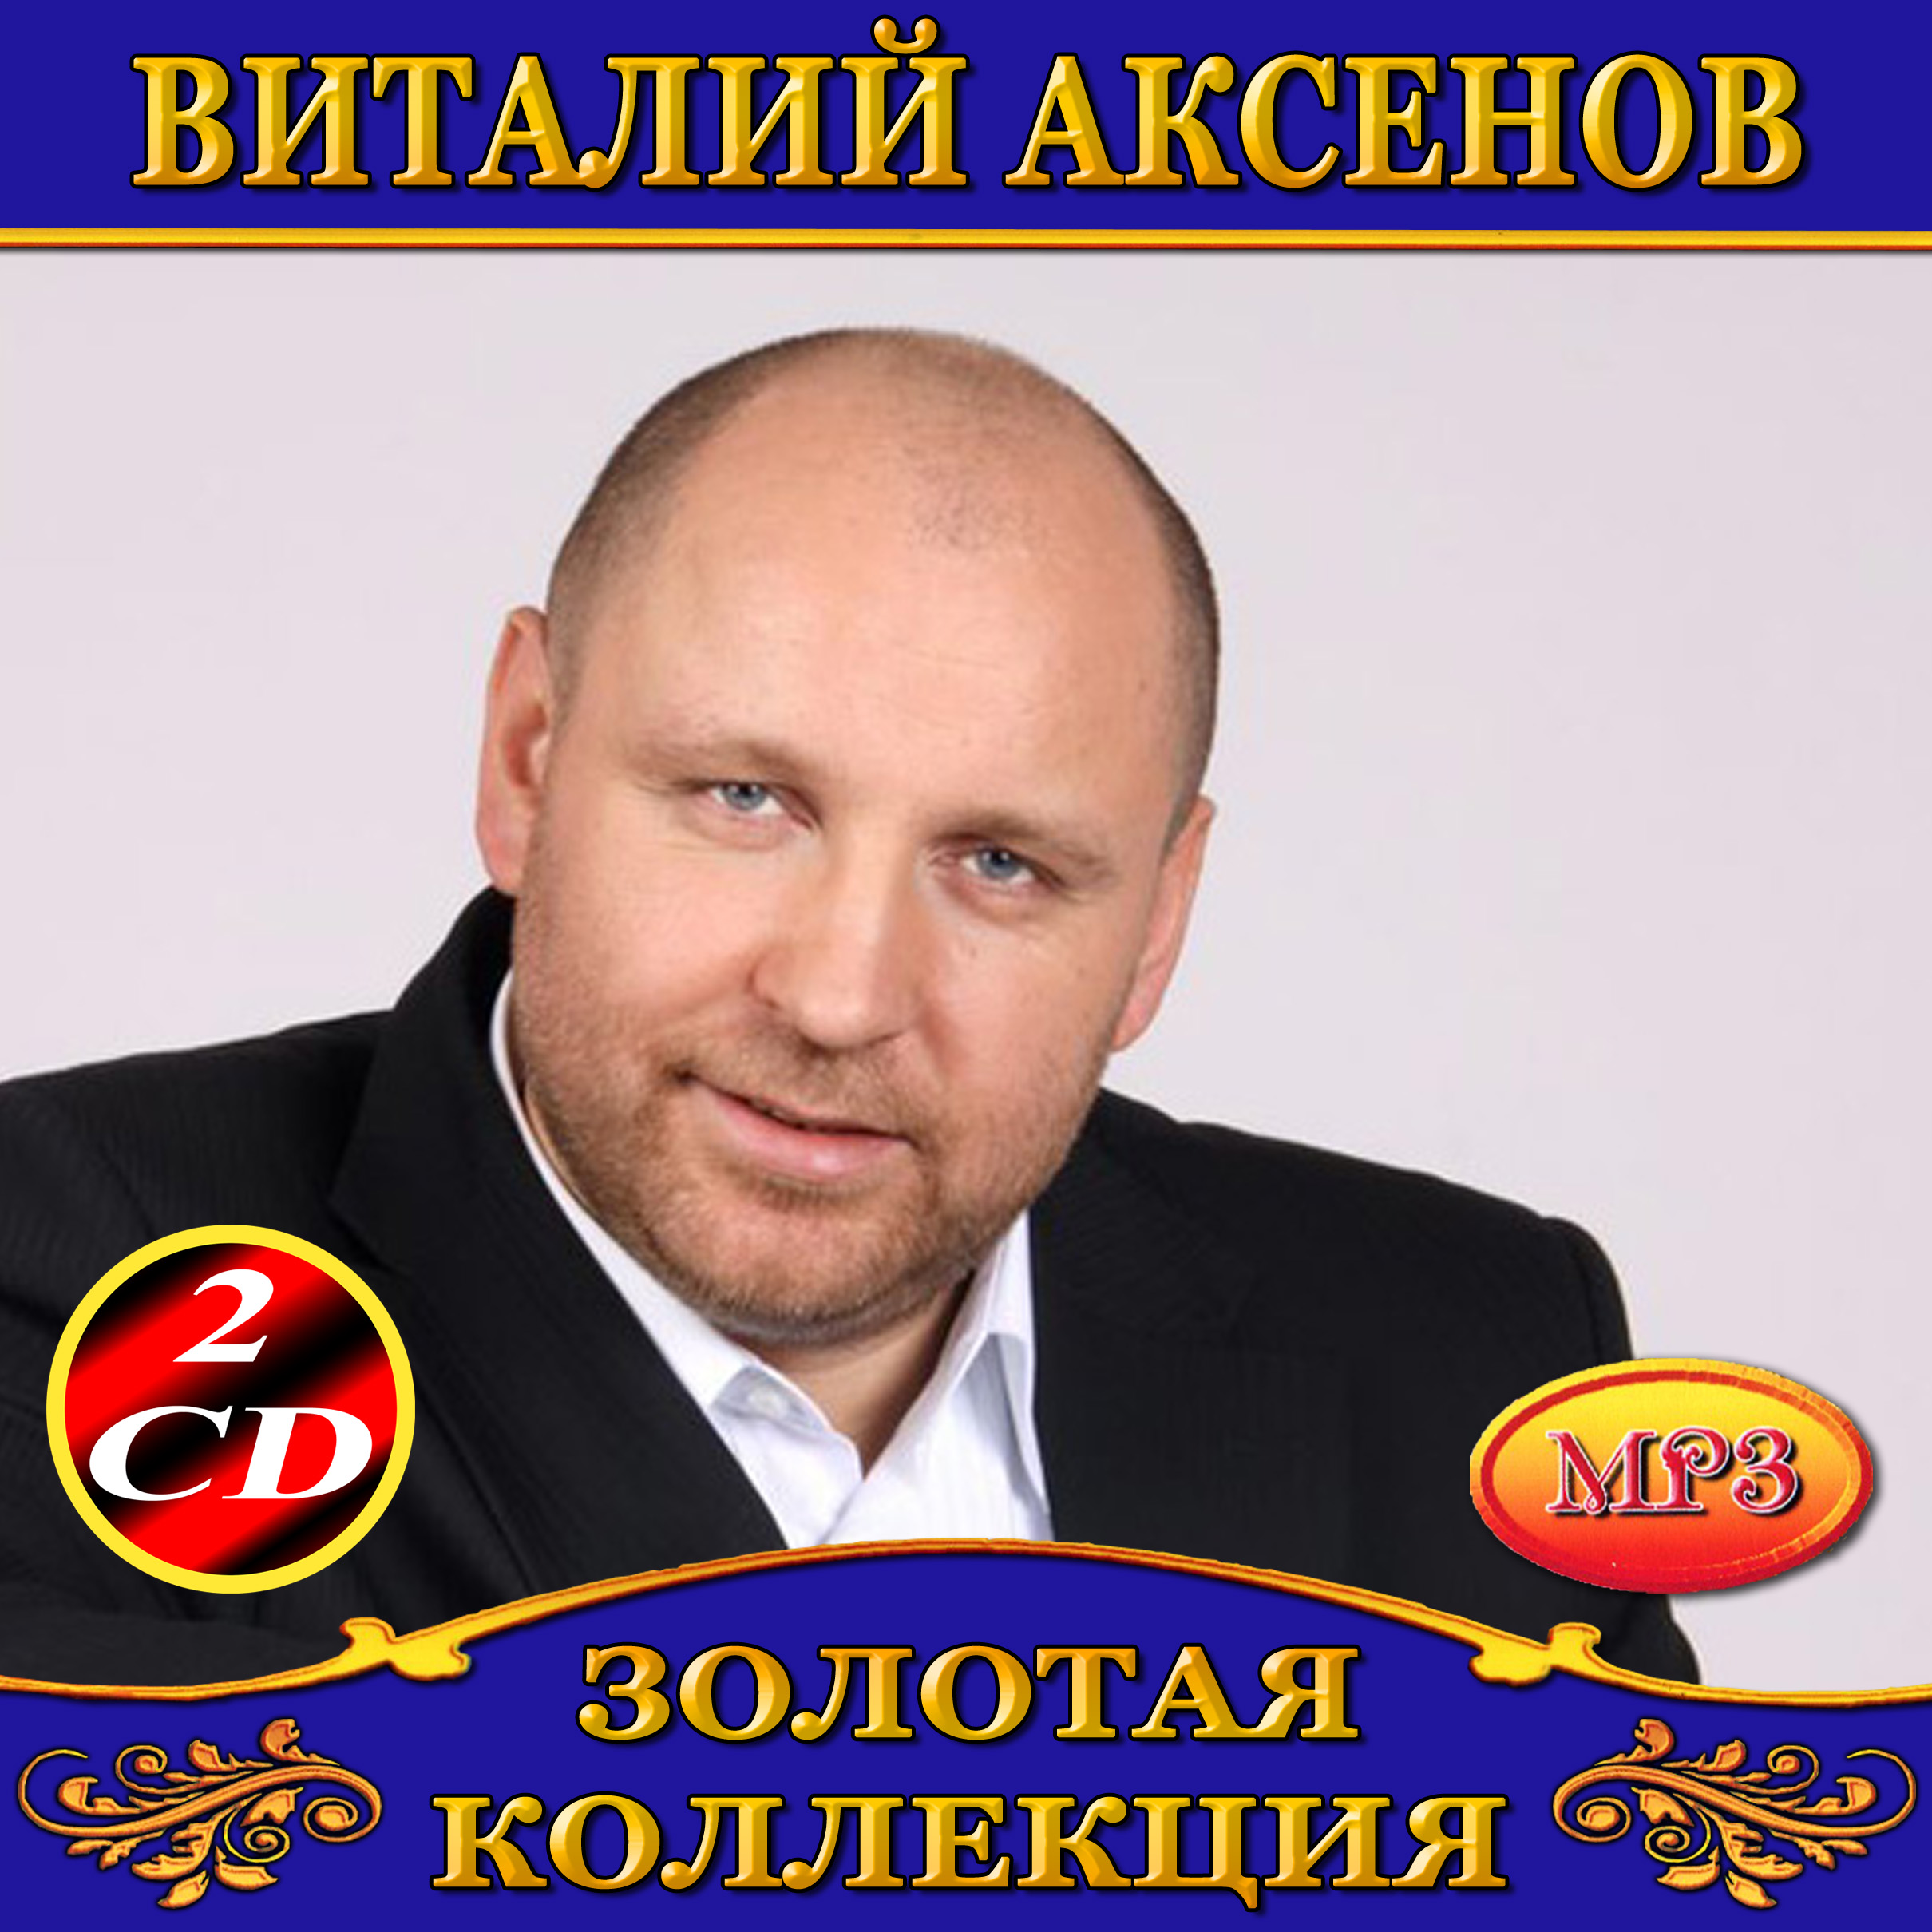 Виталий  Аксенов 2cd [mp3]